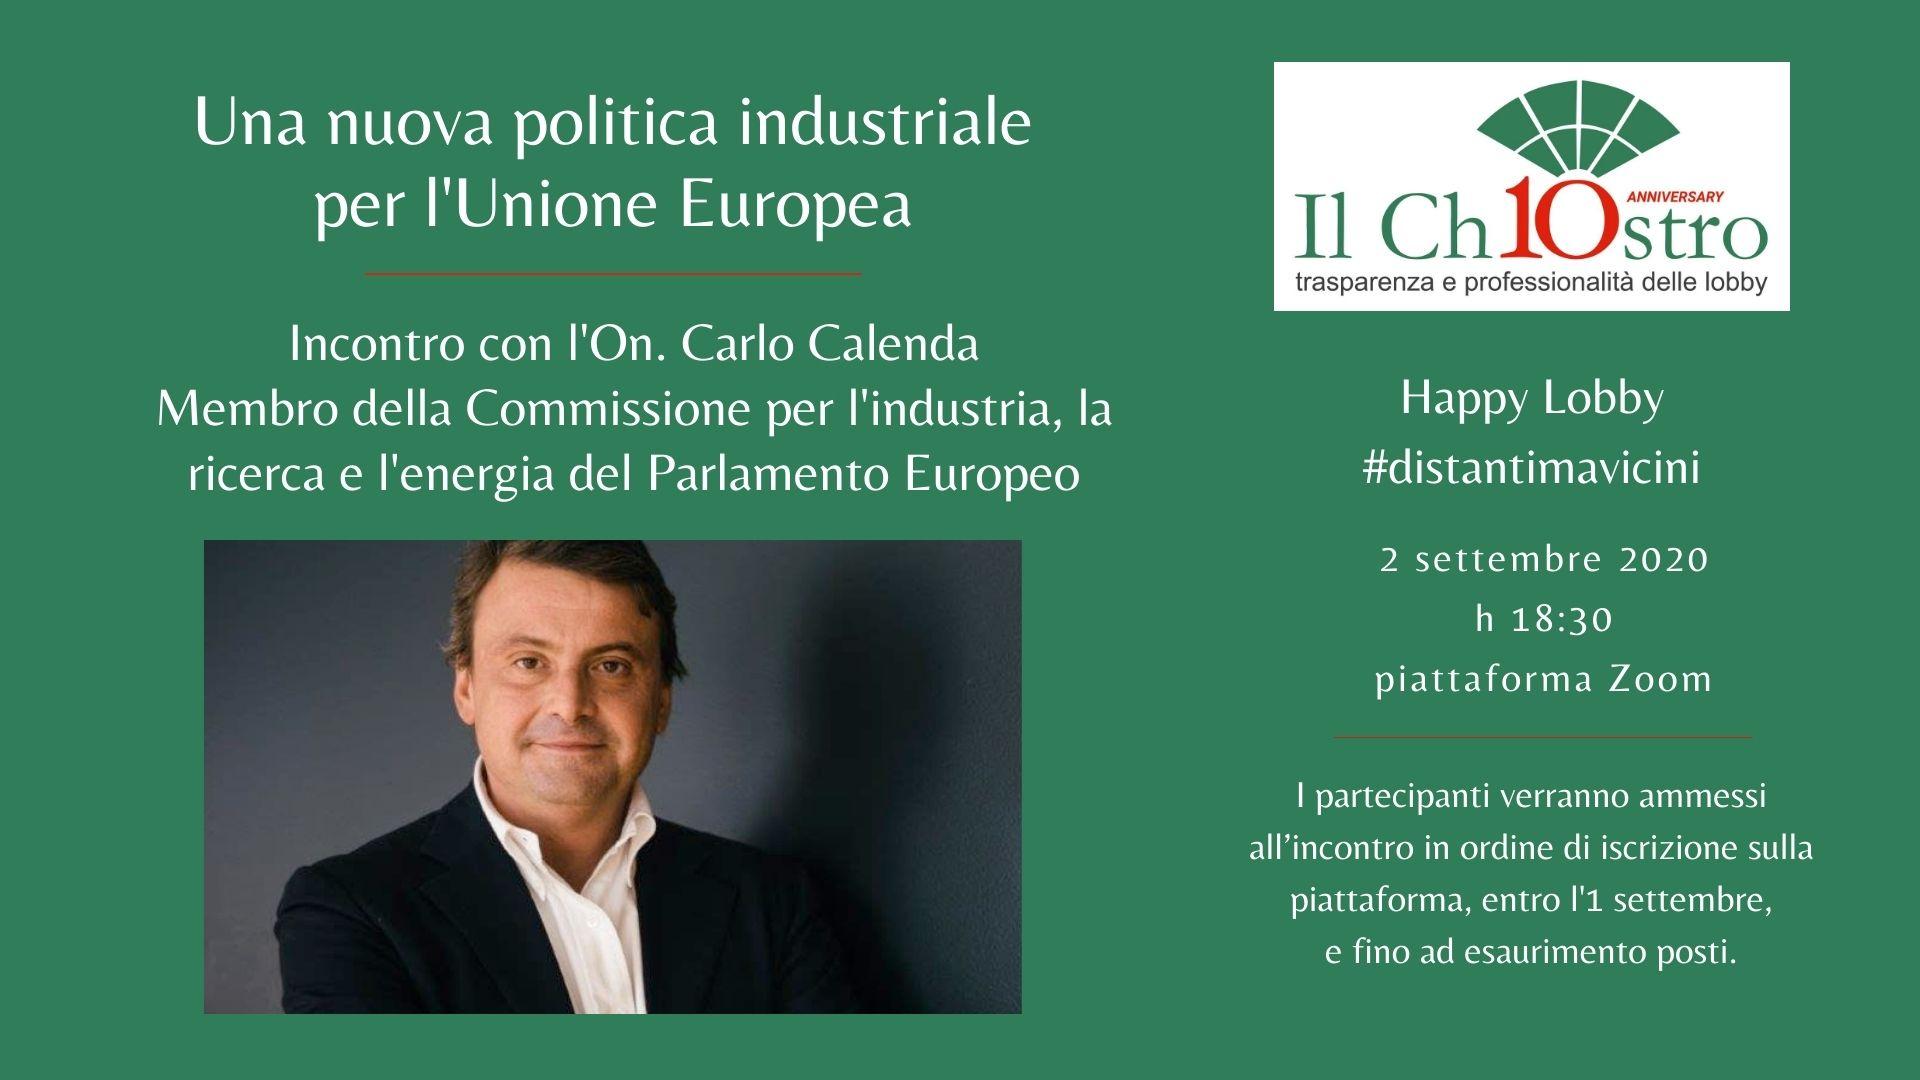 Una nuova politica industriale per l'Unione Europea